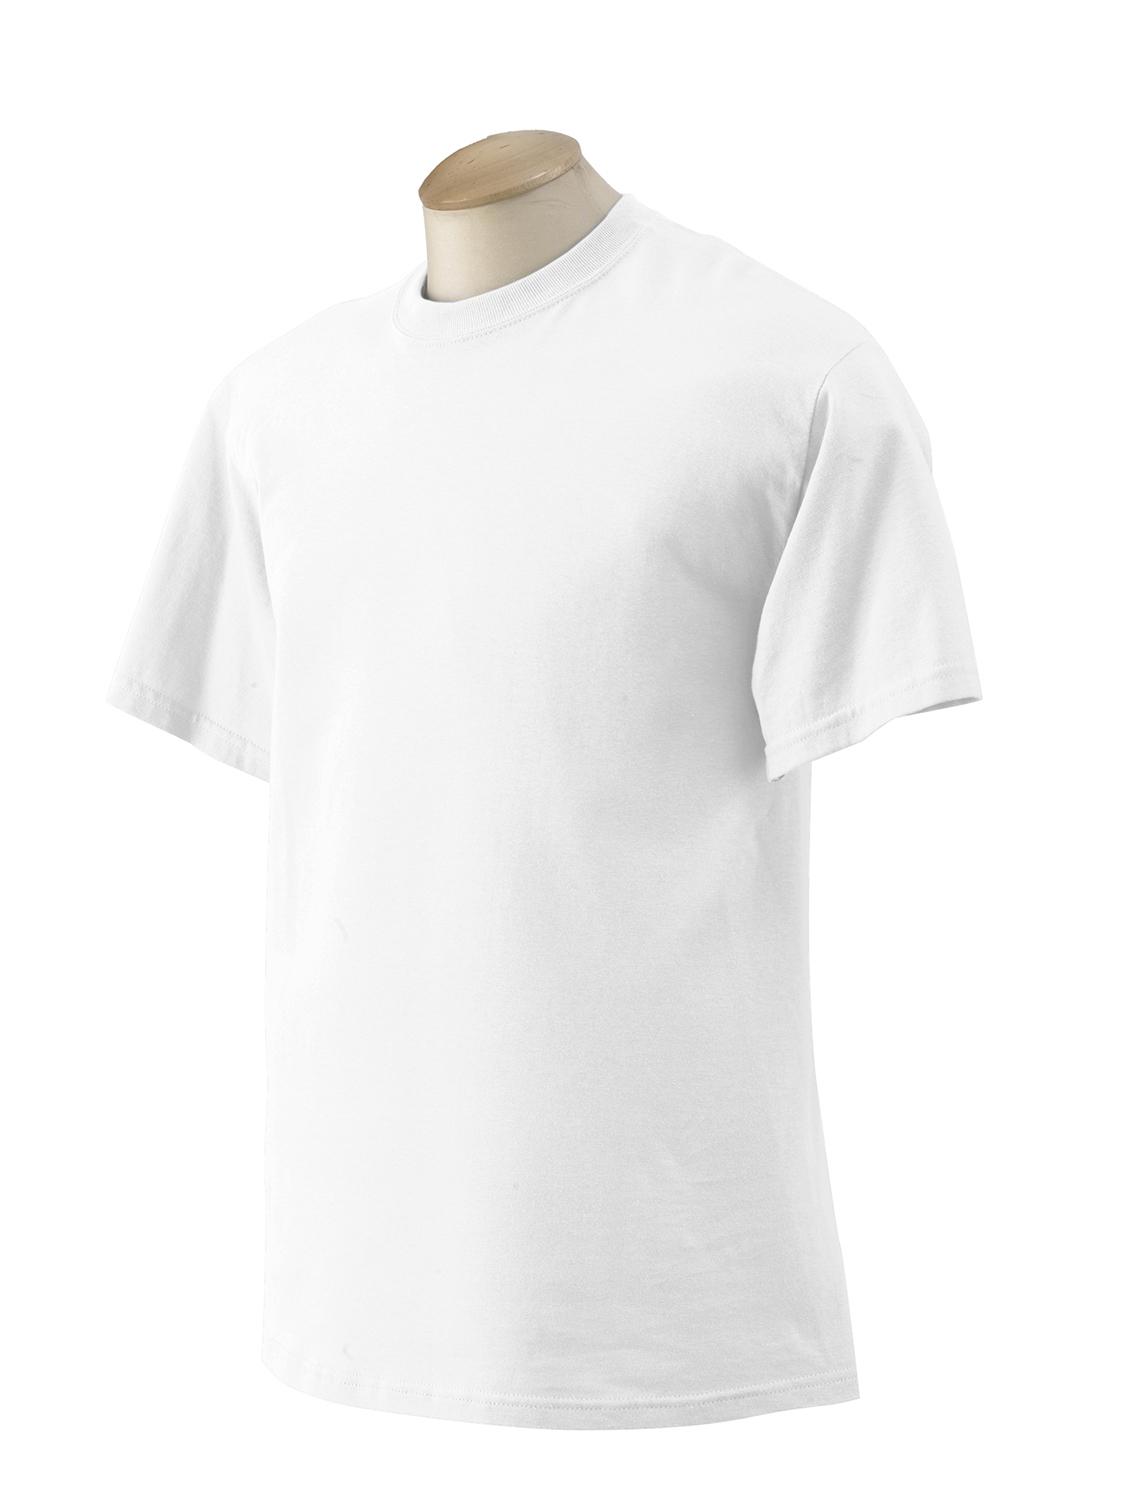 Gildan g200 61 oz ultra cottont wholesale t shirts